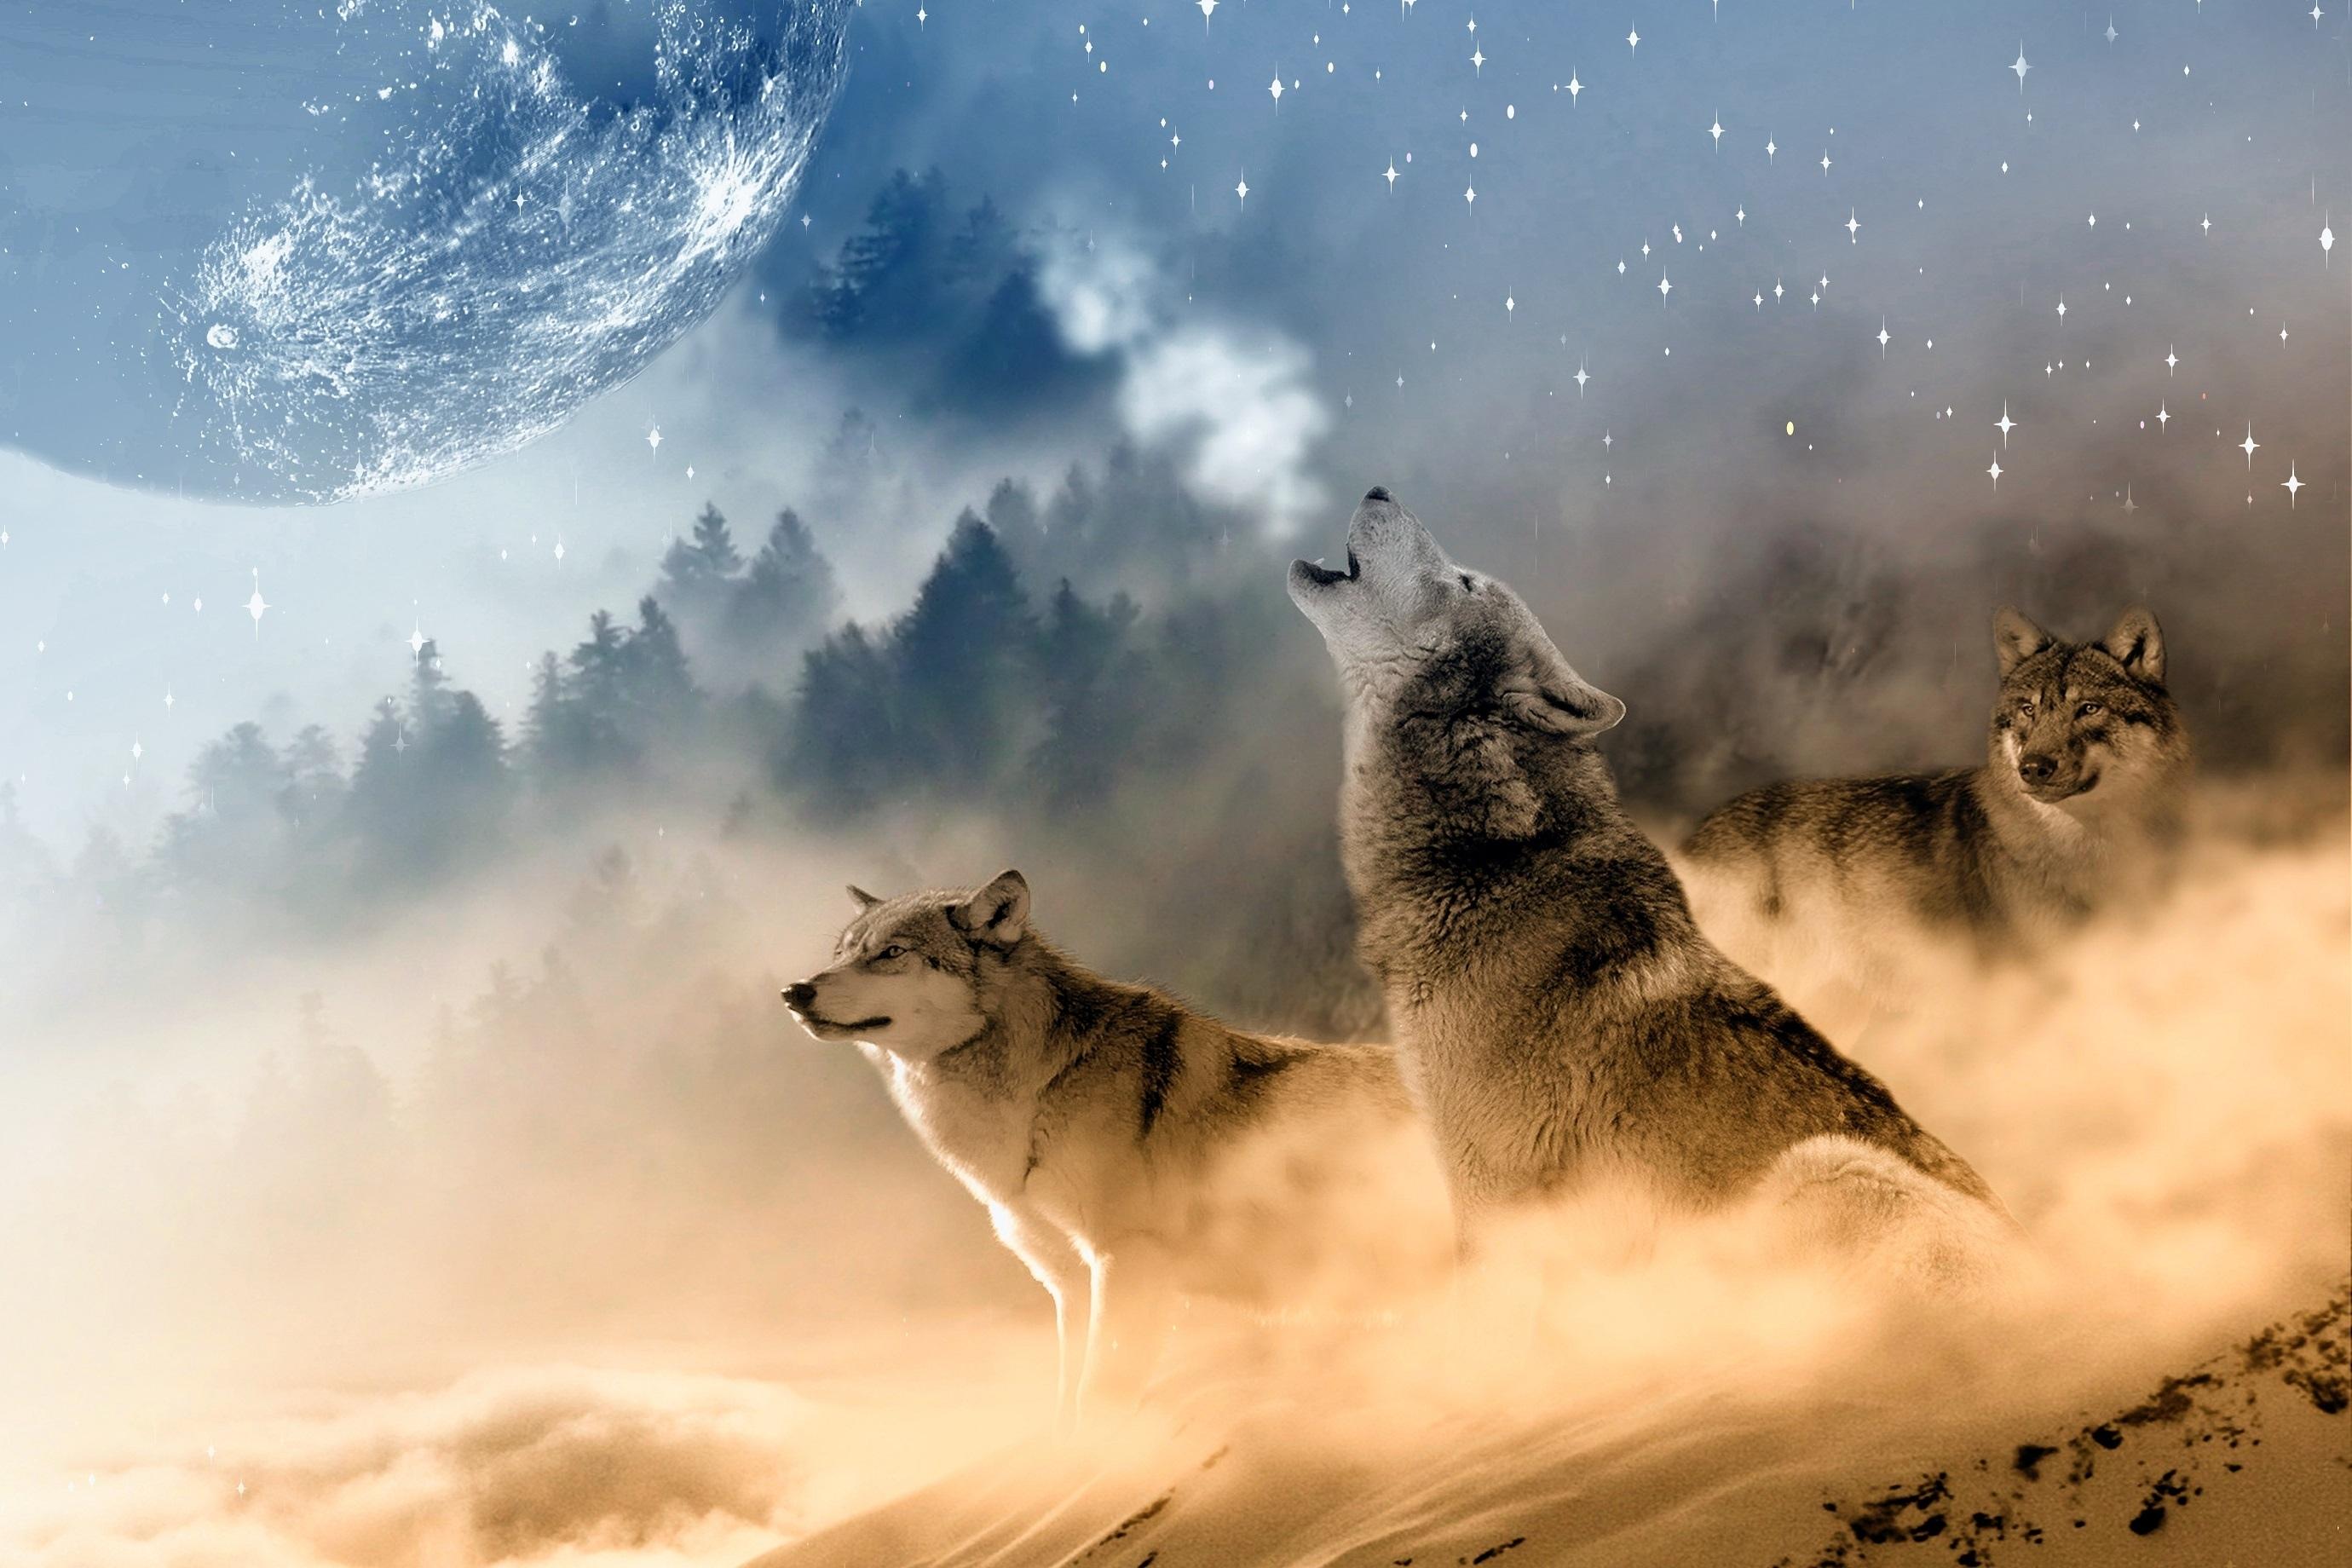 картинки волк высокое разрешение форм металла позволяет